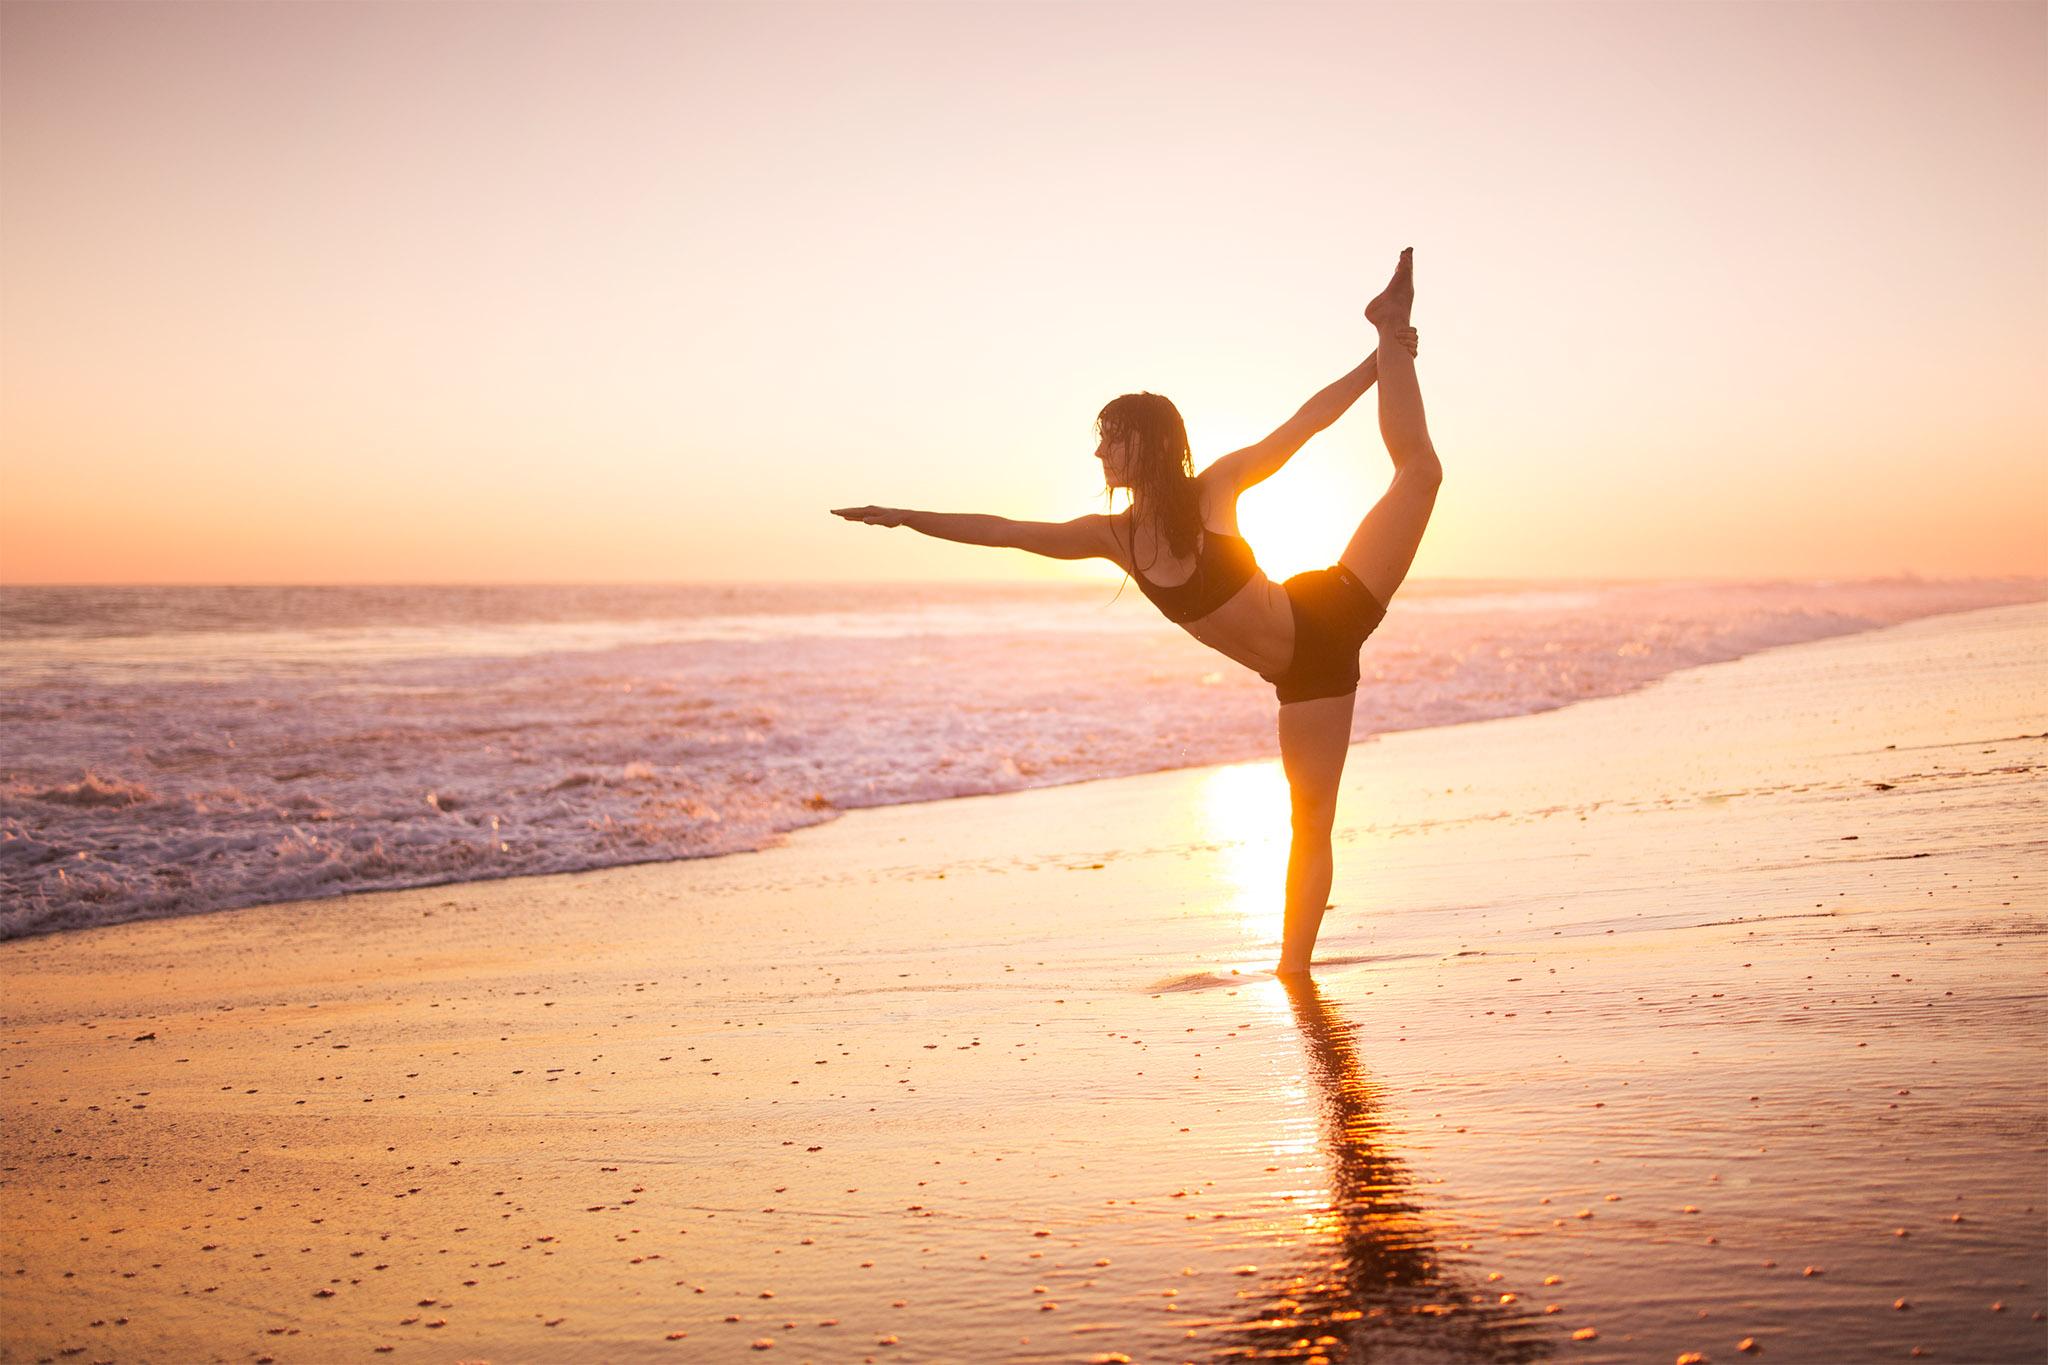 контрастные йога на фоне моря фото посадки нельзя